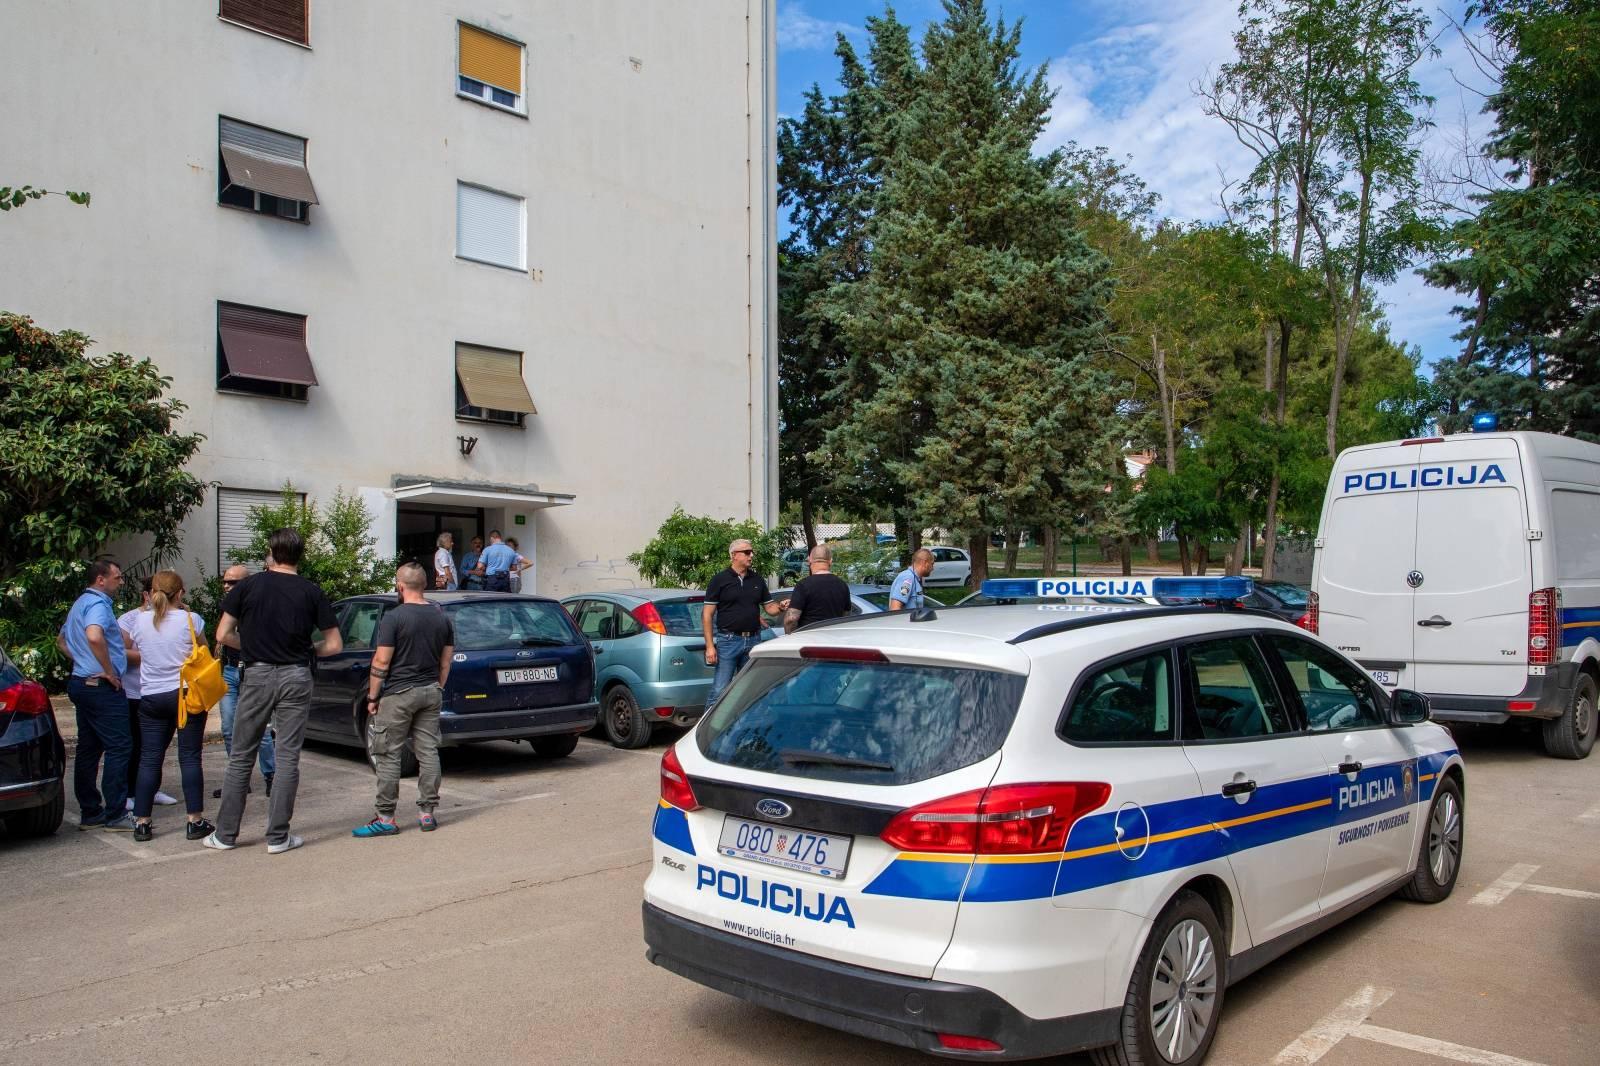 Pula: Očevid u stanu gdje je pronađeno tijelo žene, sumnja se na ubojstvo